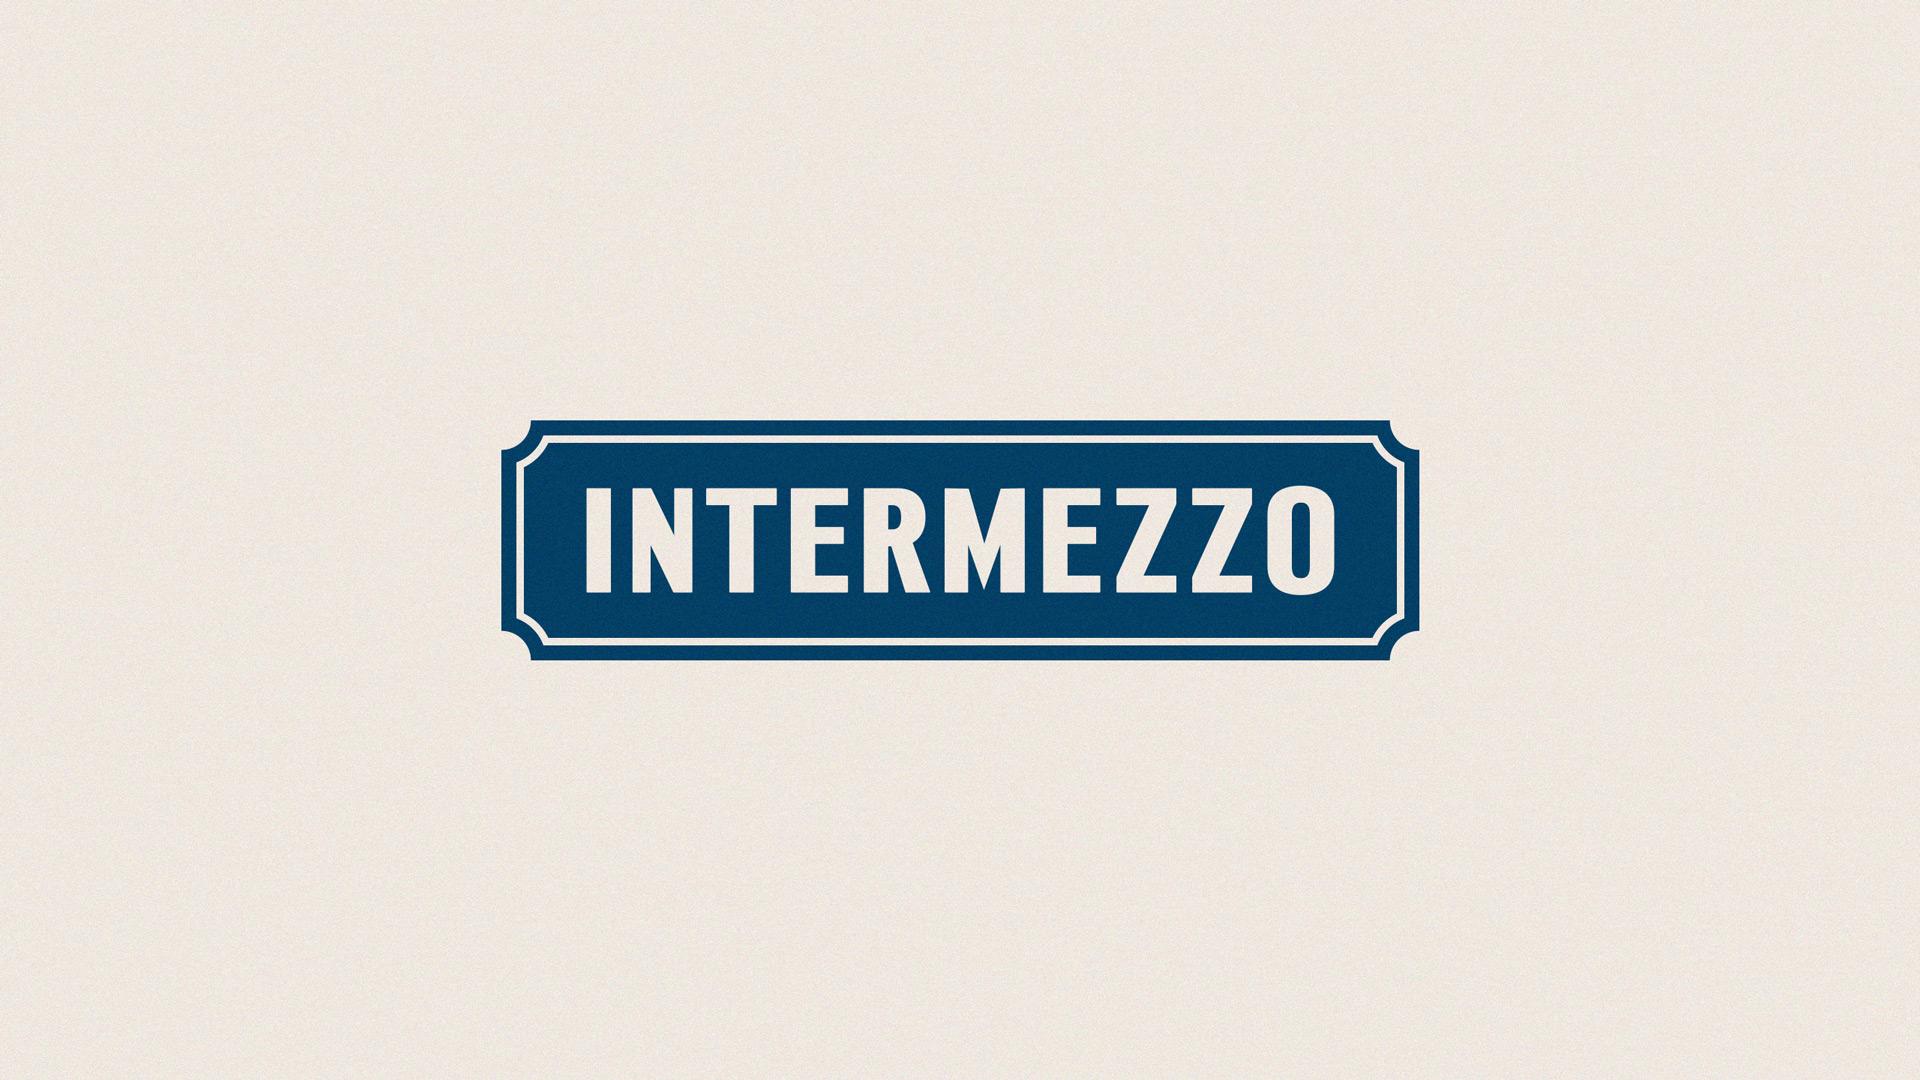 Intermezzo_Case_Study_17.jpg